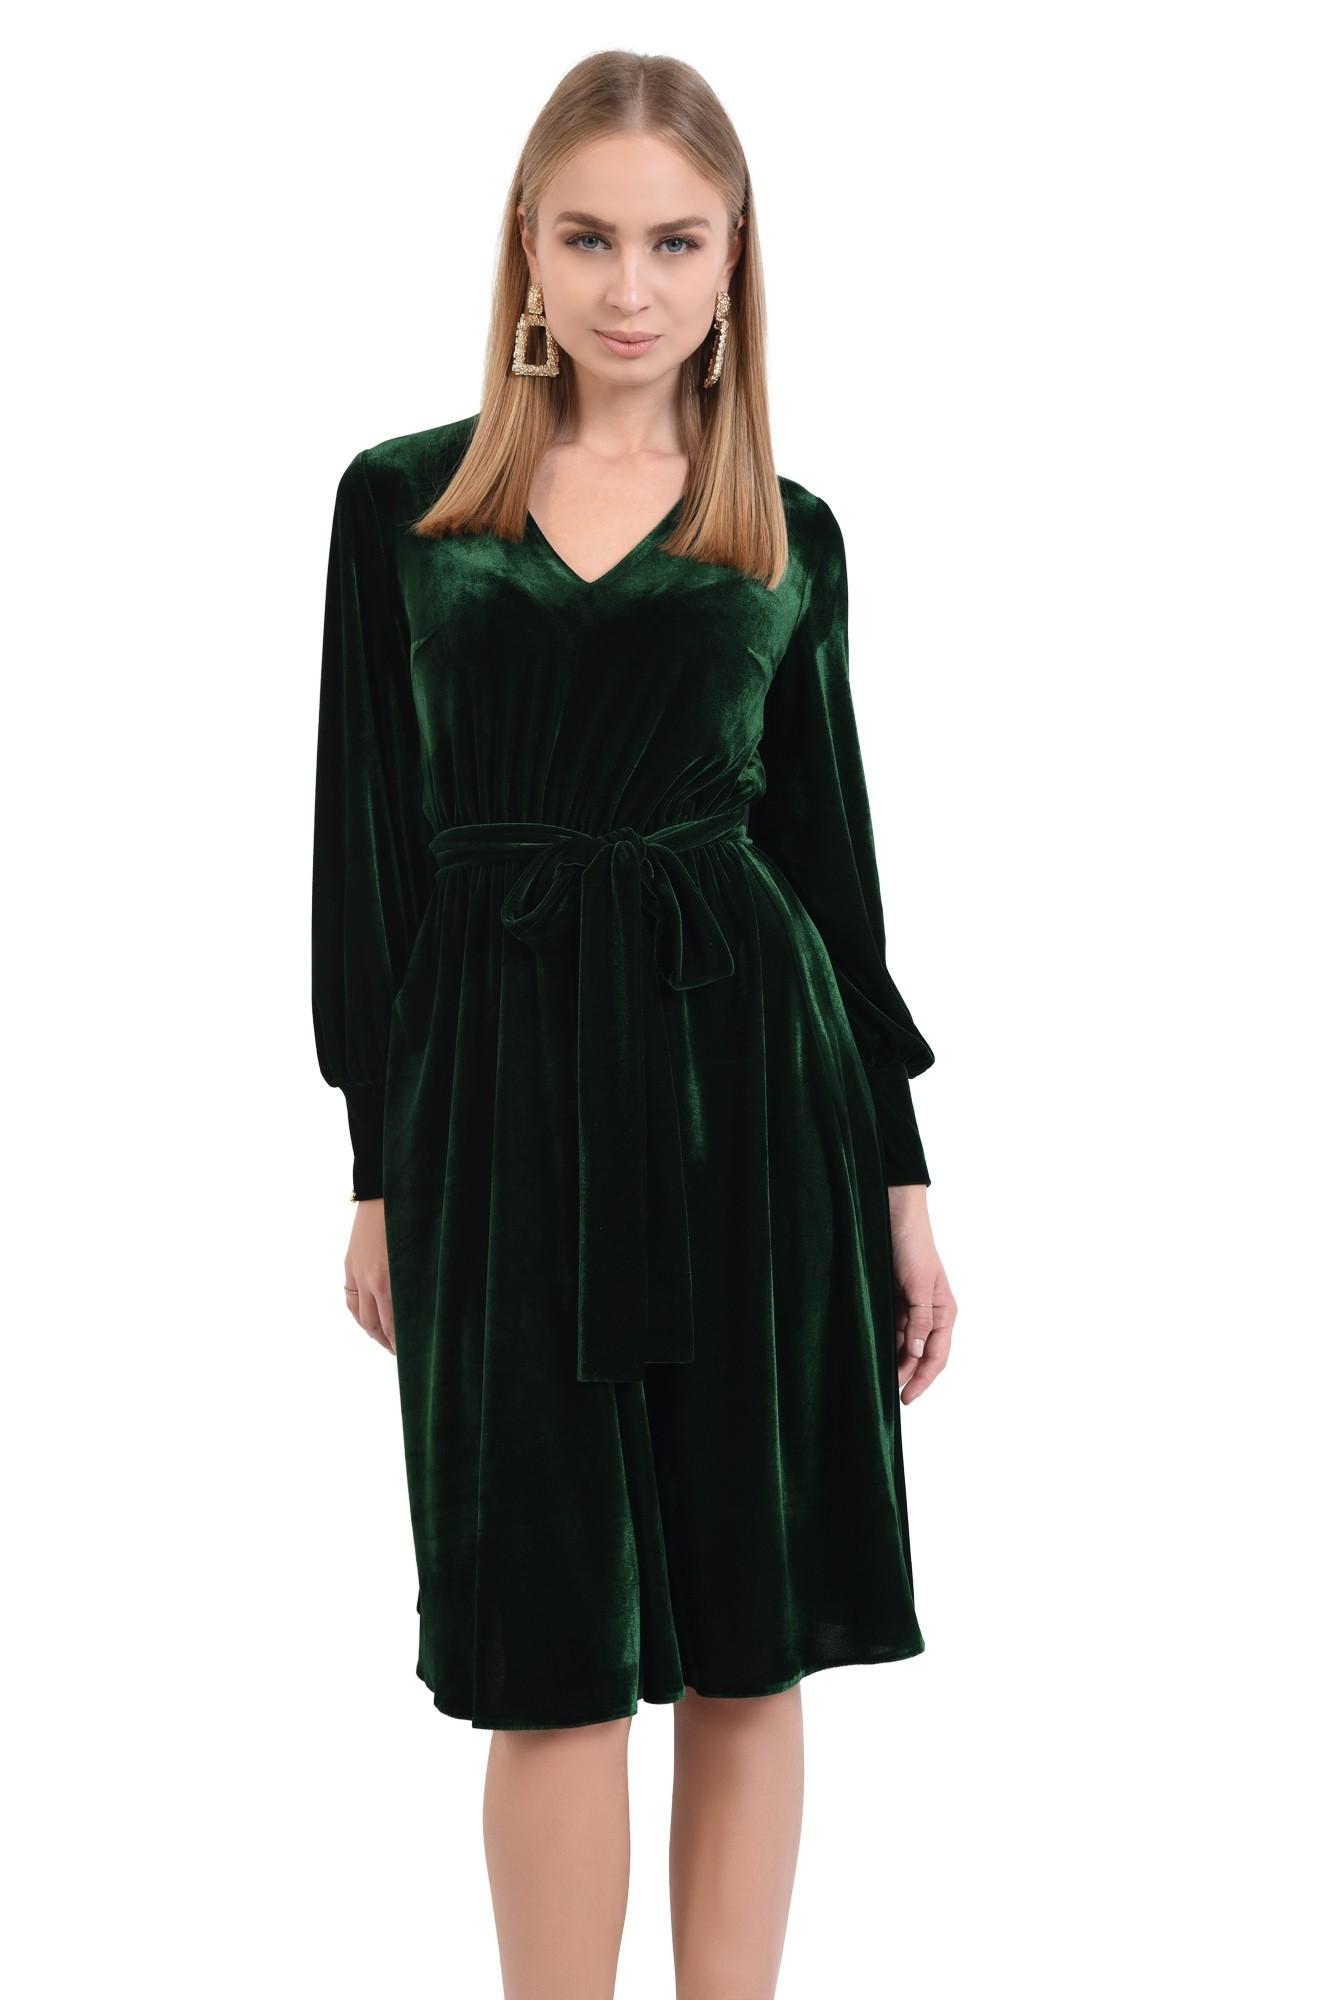 0 - rochie midi, funda la talie, rochii online. croi evazat, maneci lungi cu mansete